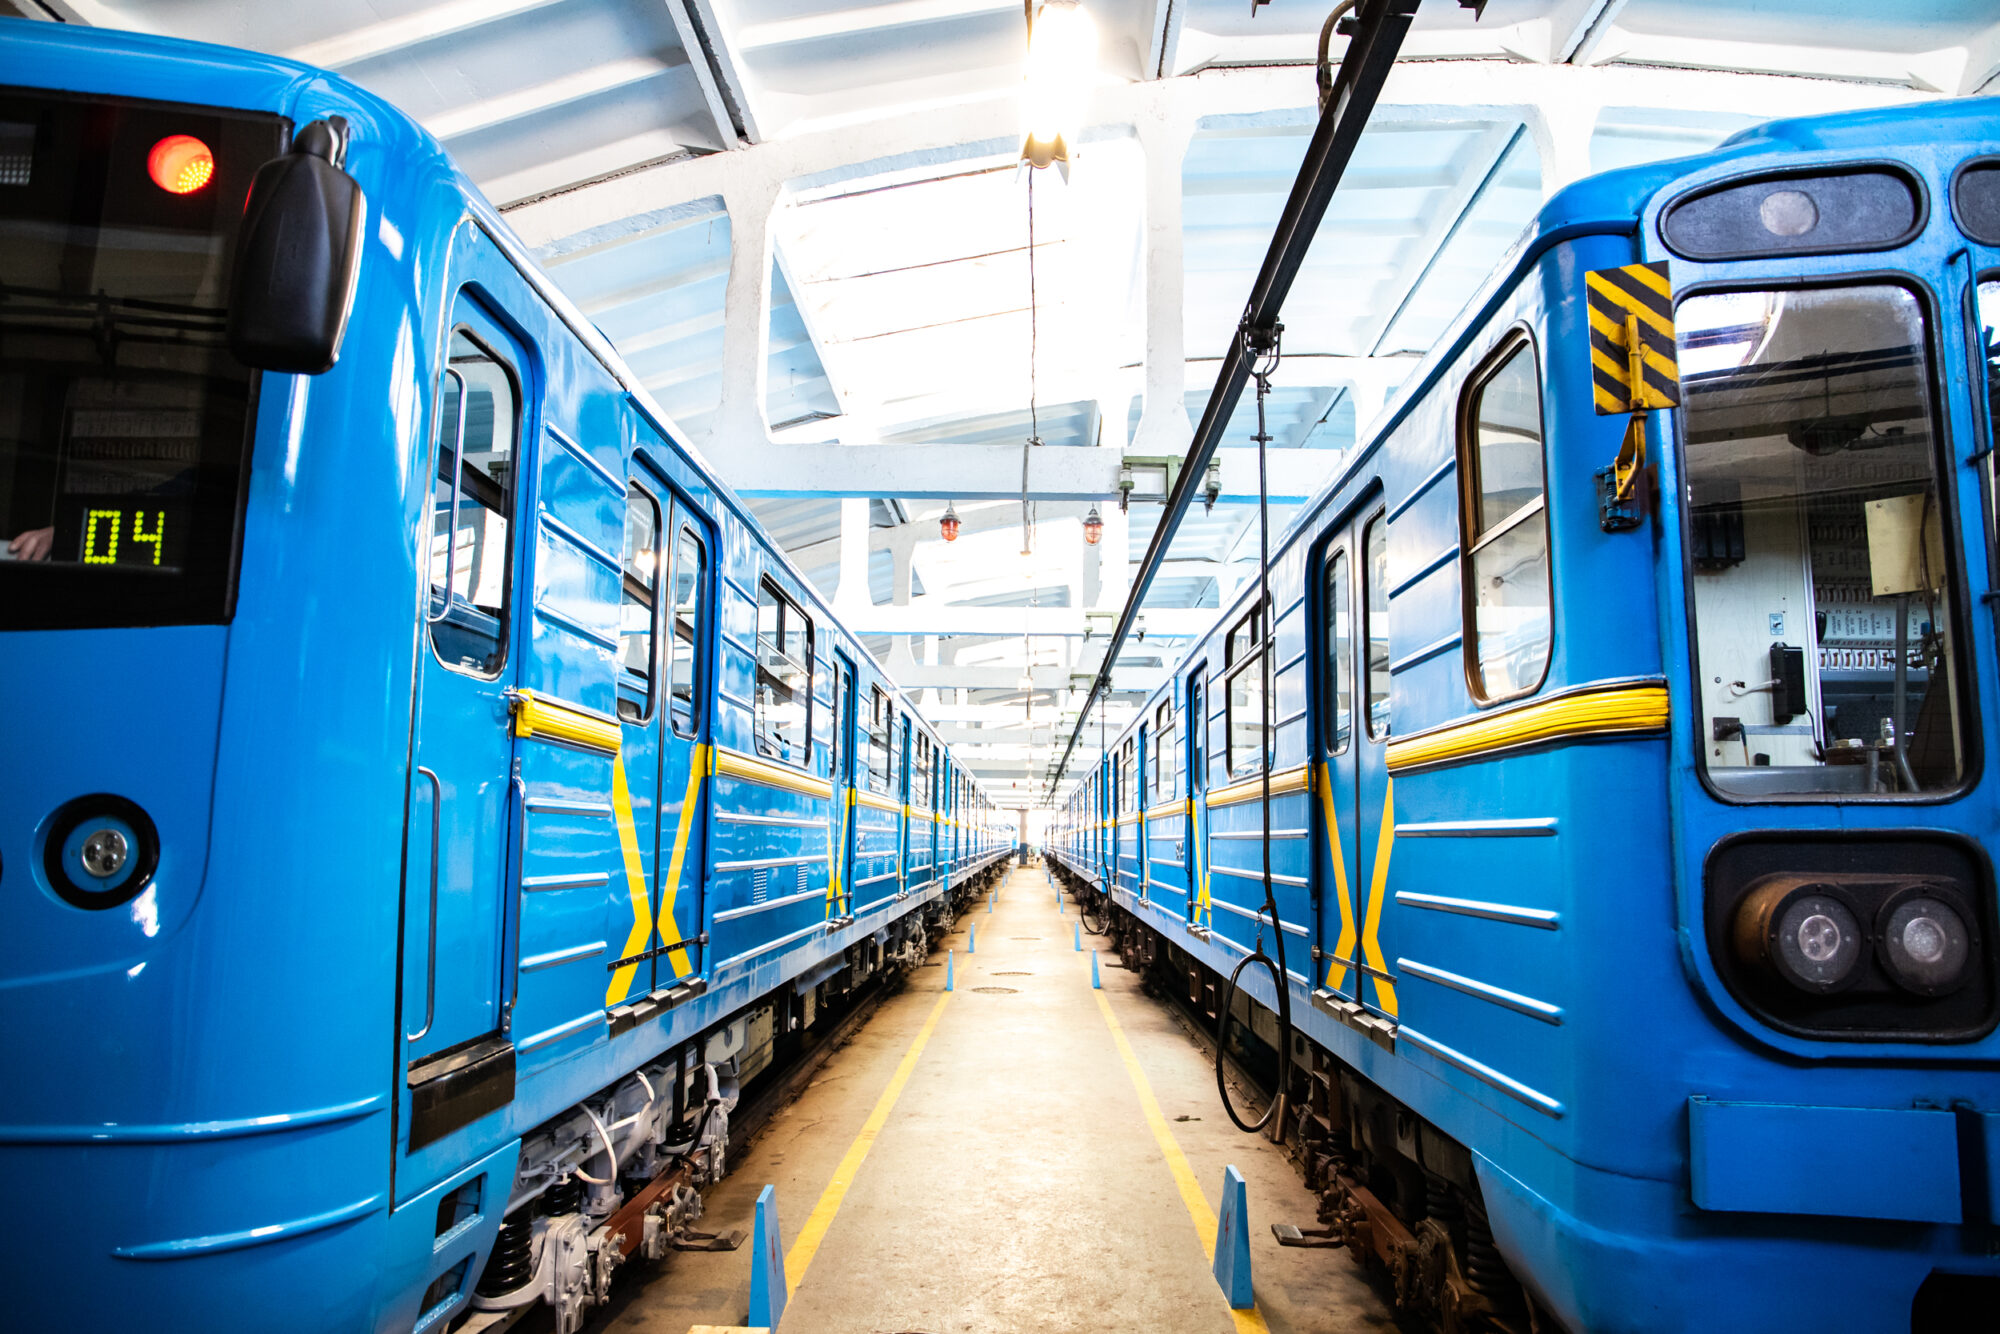 Київський метрополітен відремонтував 5 вагонів за 35 млн грн - Ремонт, метрополітен, вагони - imgbig 9 2000x1334